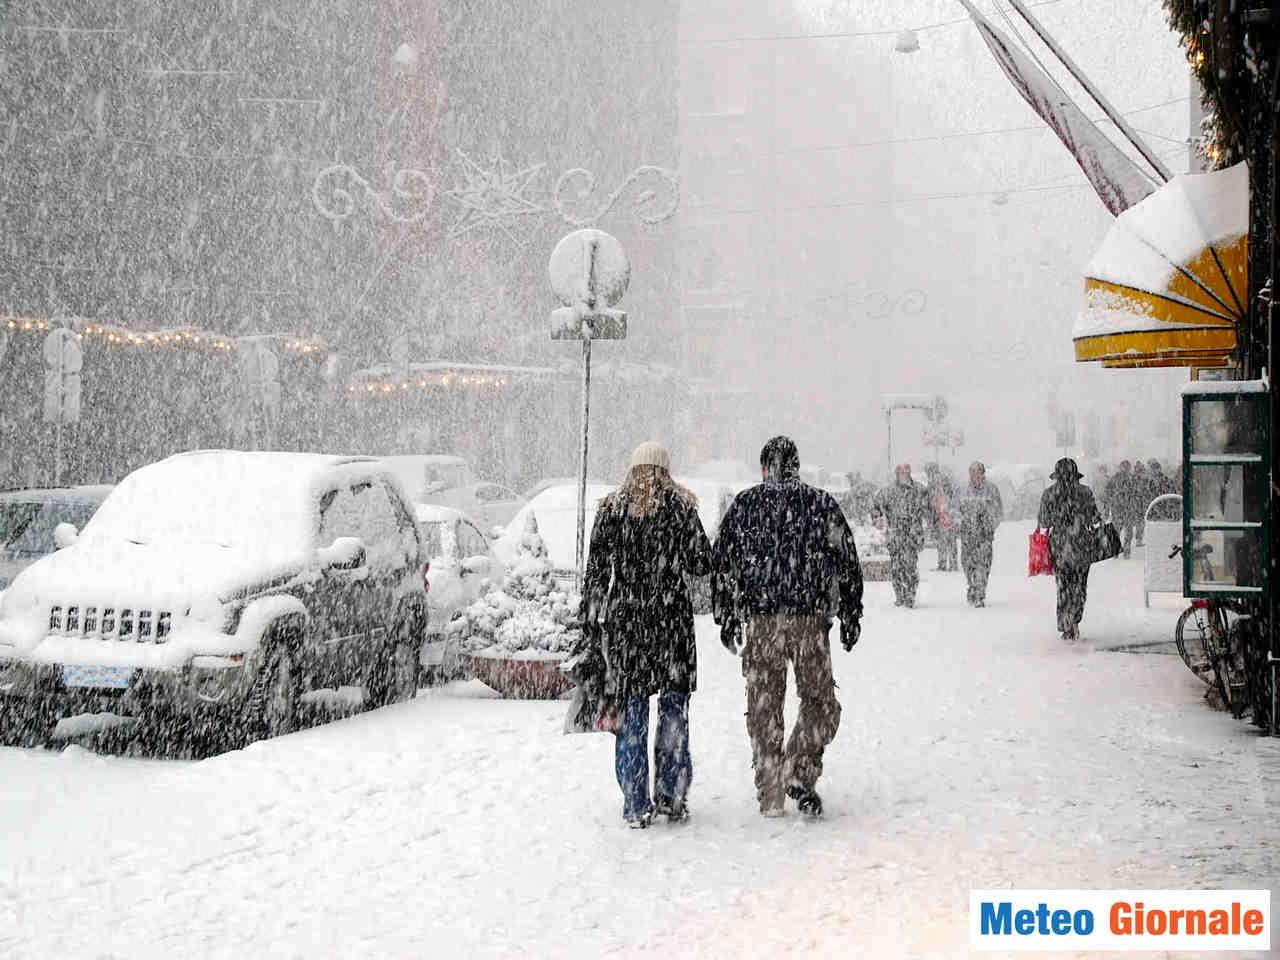 Neve in arrivo a inizio dicembre